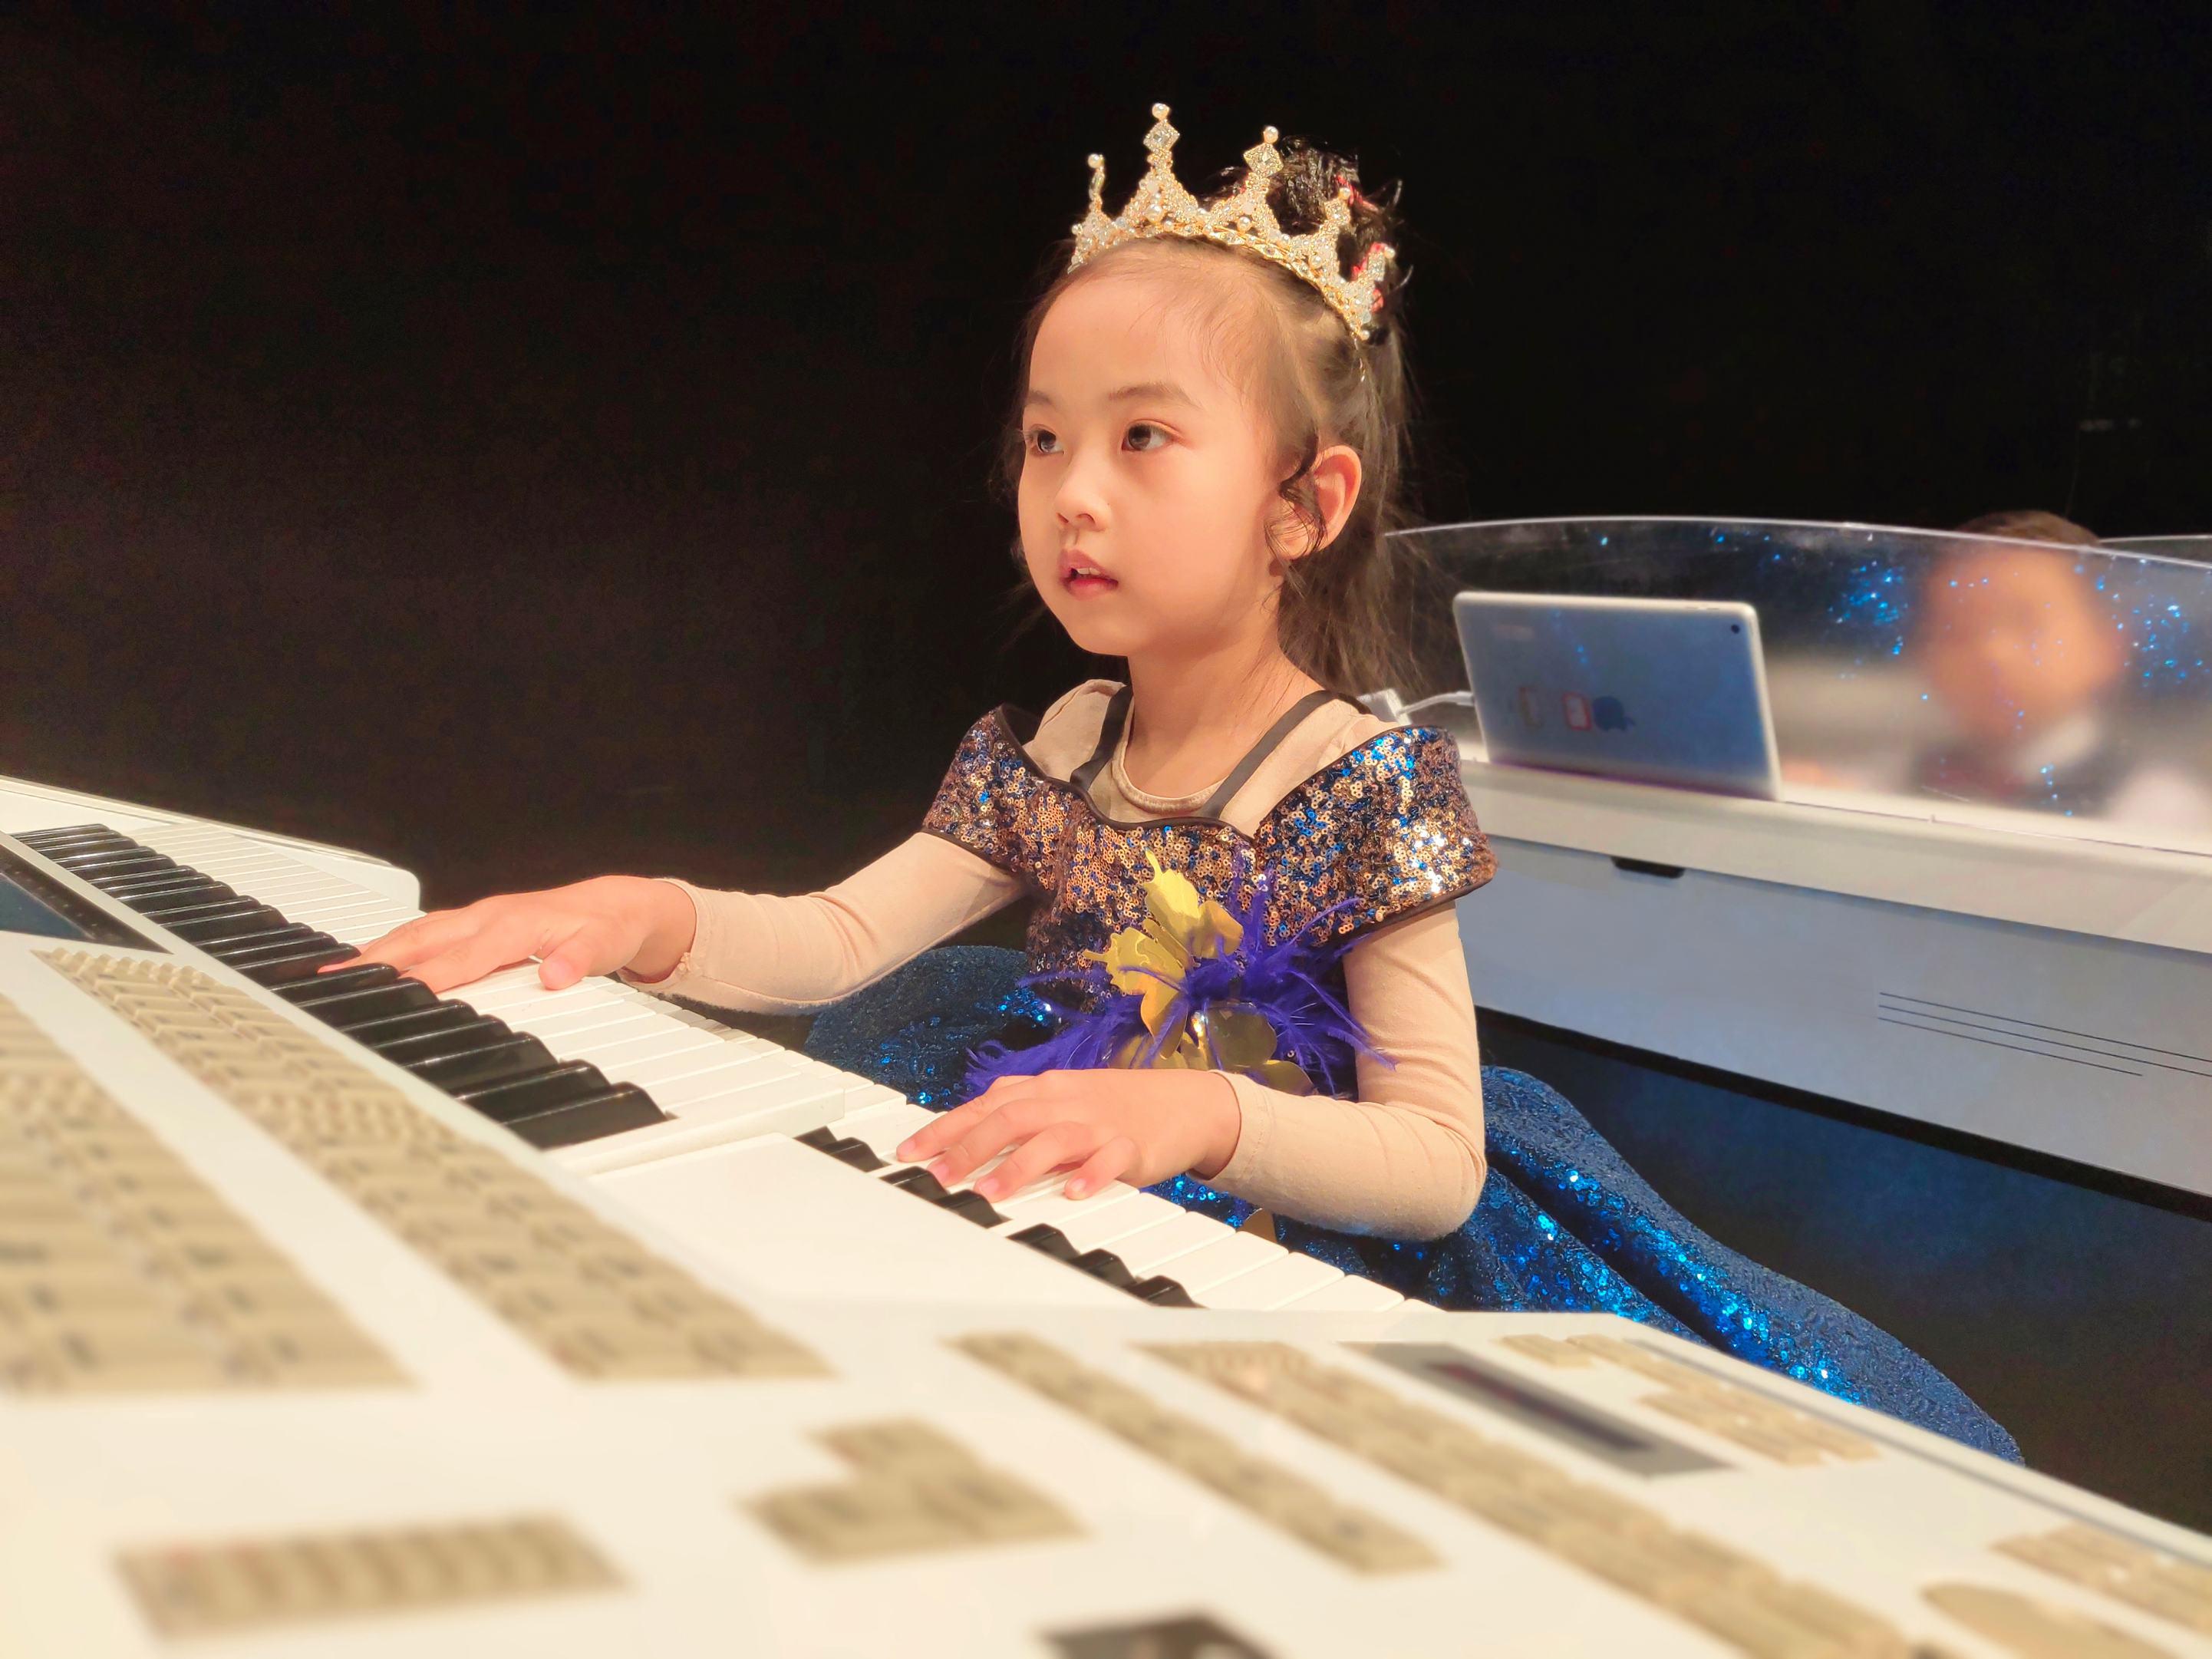 学音乐孩子和不学音乐对孩子以后会有哪些差别影响?